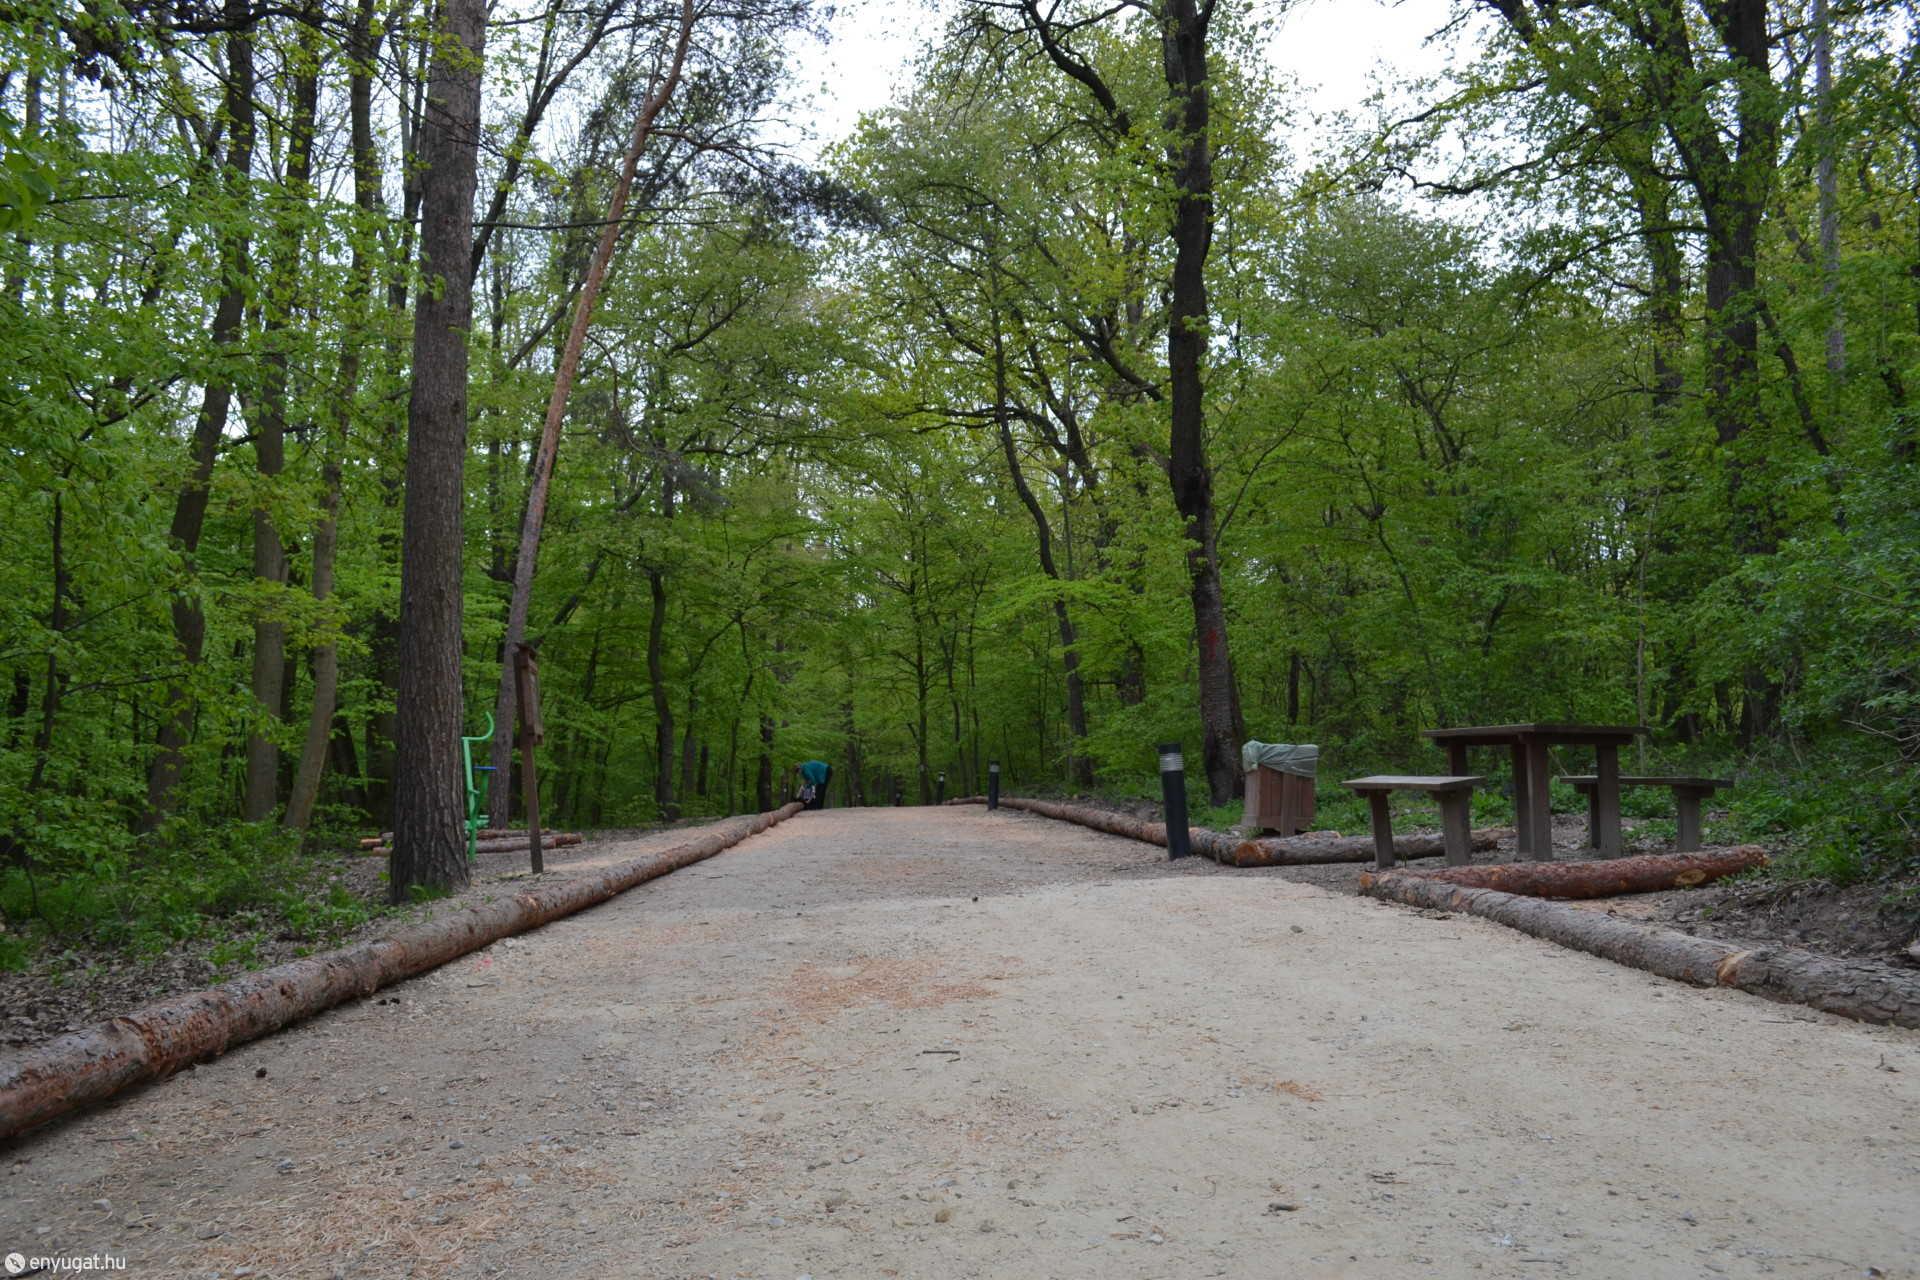 Öt-hat évente újra kell tölteni az erdei sétányt, de most újdonság a vörösfenyő szegély.